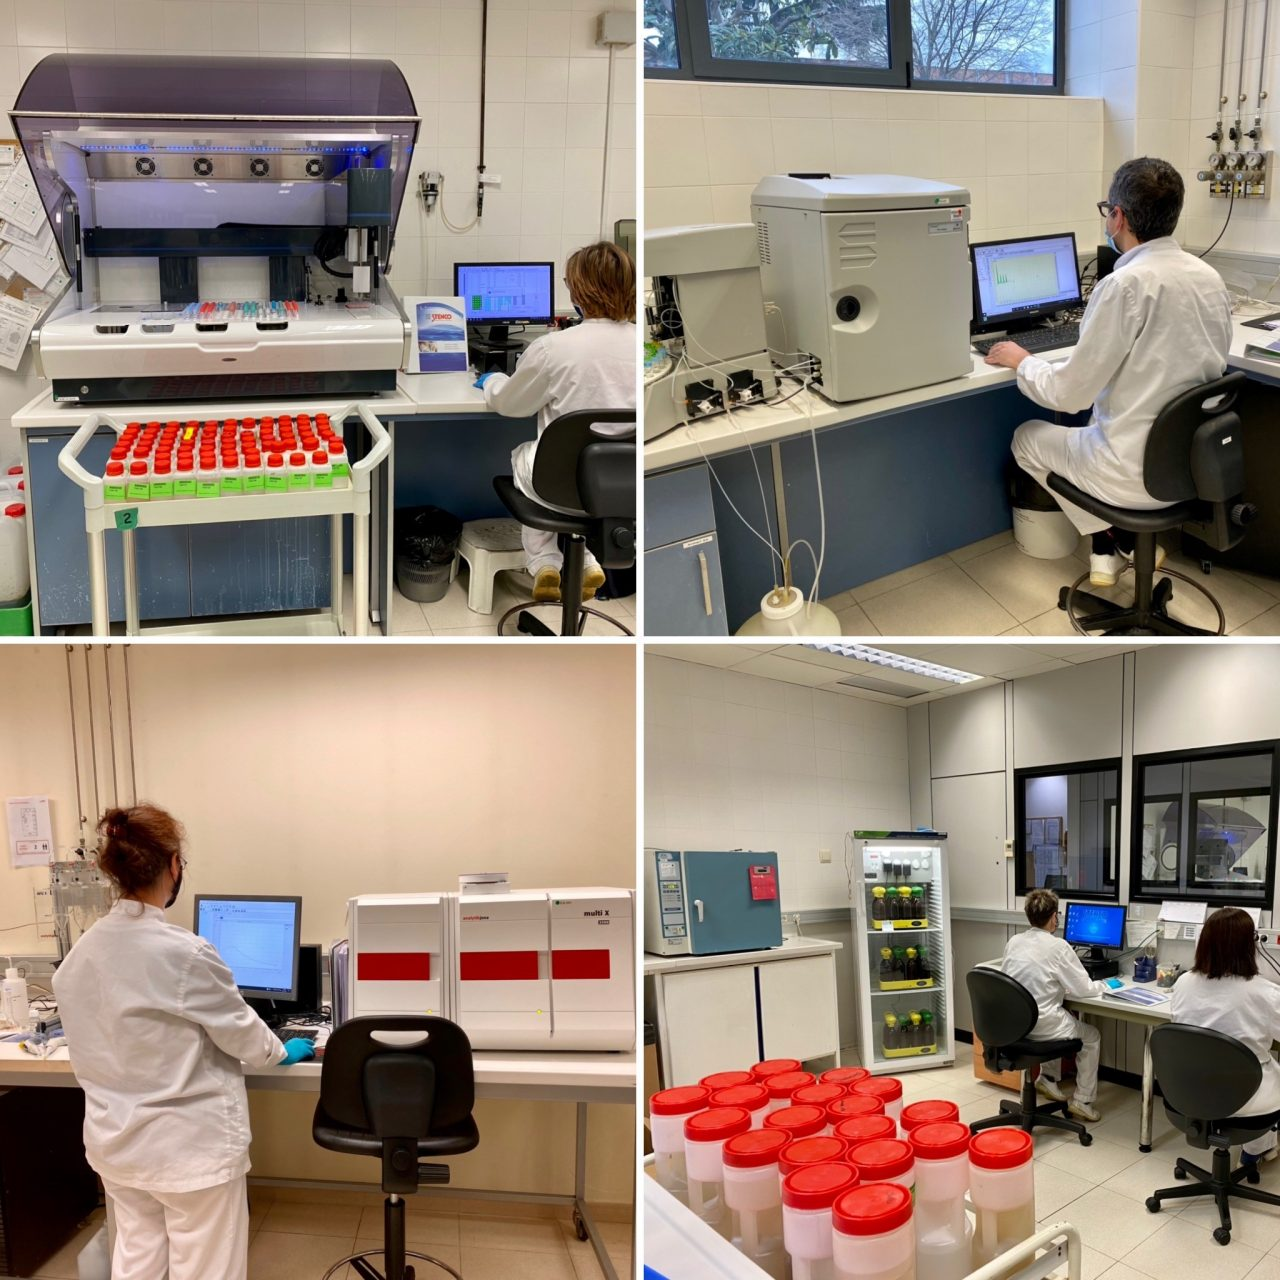 lab-2-AARR-1280x1280.jpg